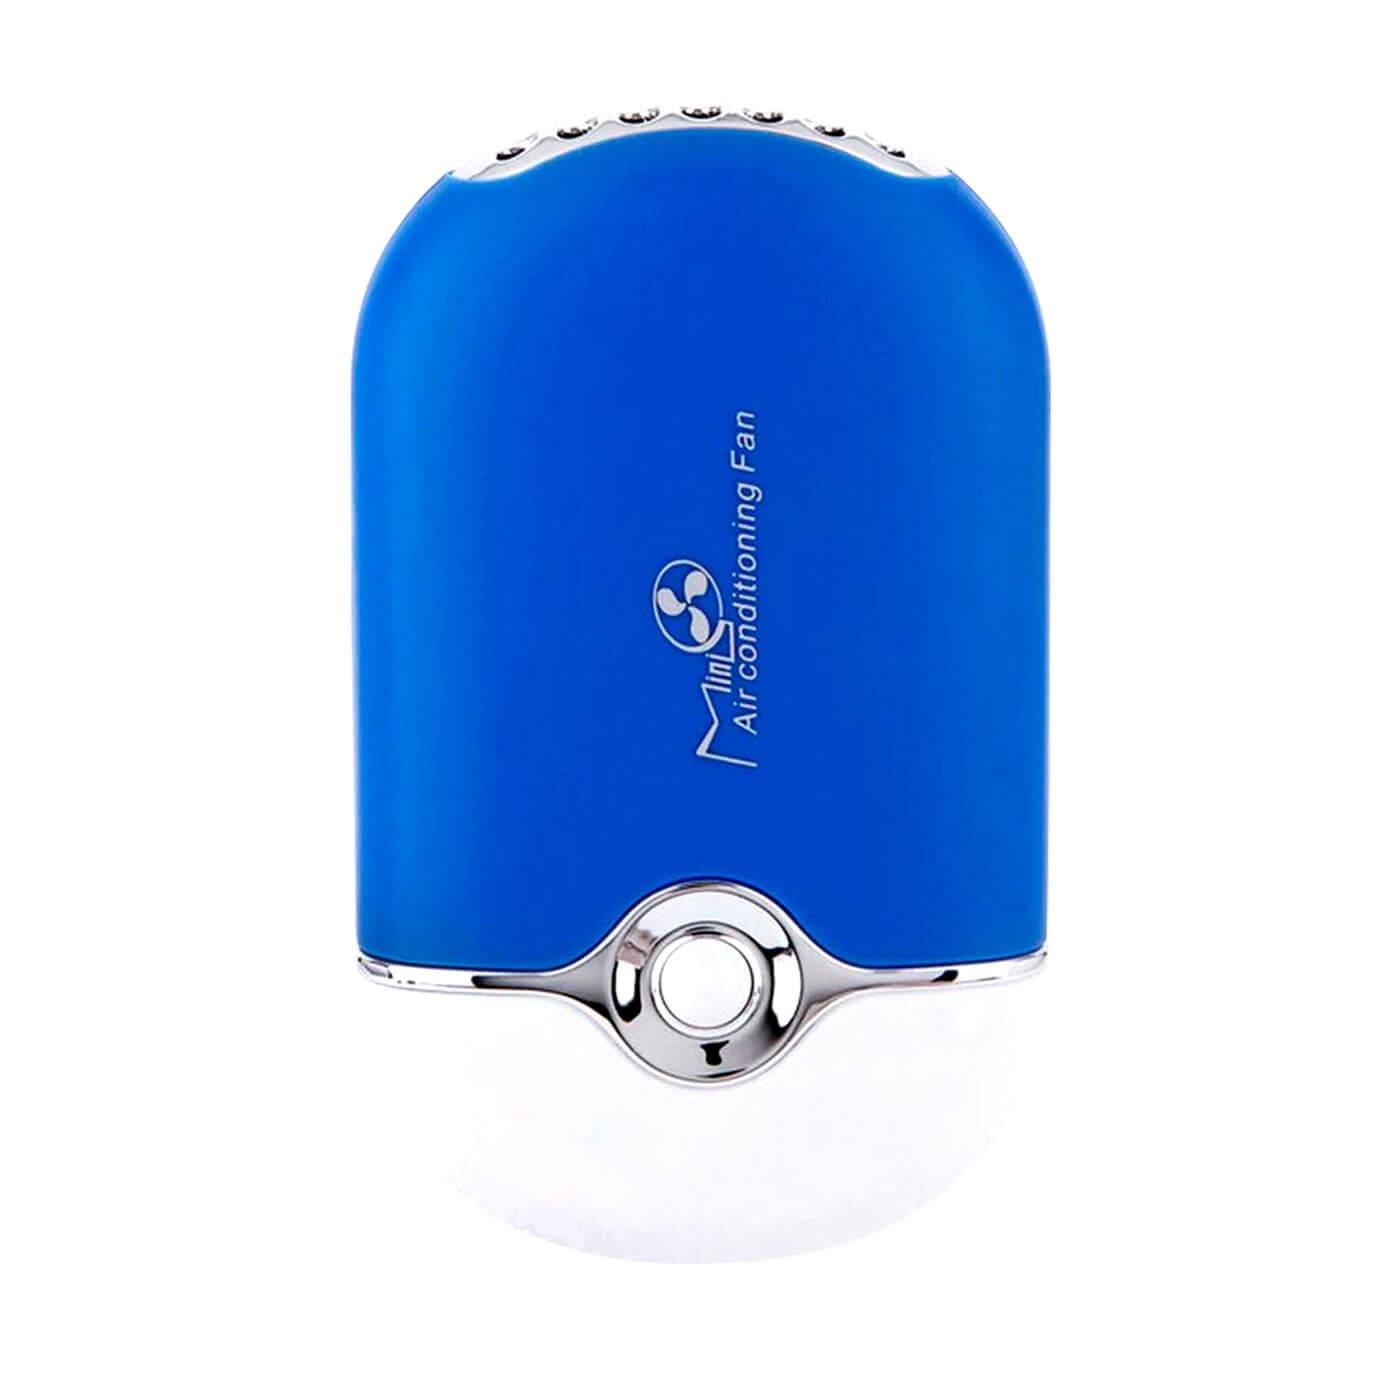 Mini Ventilador de Mão USB para Alongamento de Cílios